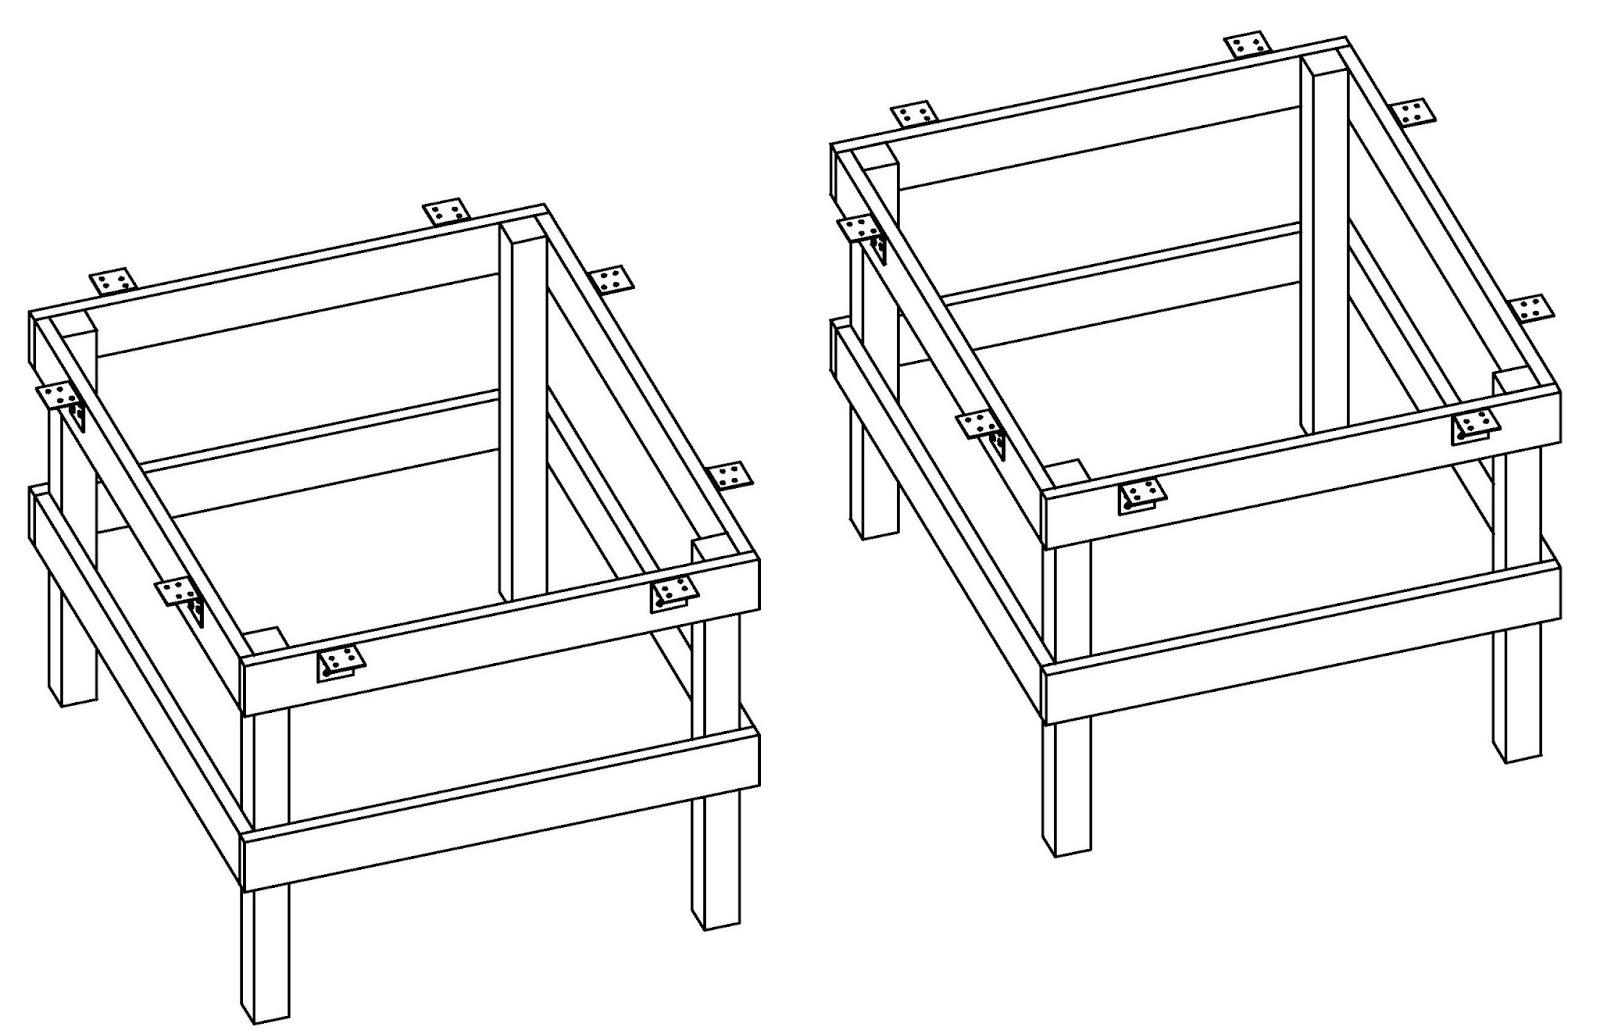 Costruire facile come costruire un tavolo da ping pong - Costruire un tavolo in legno ...